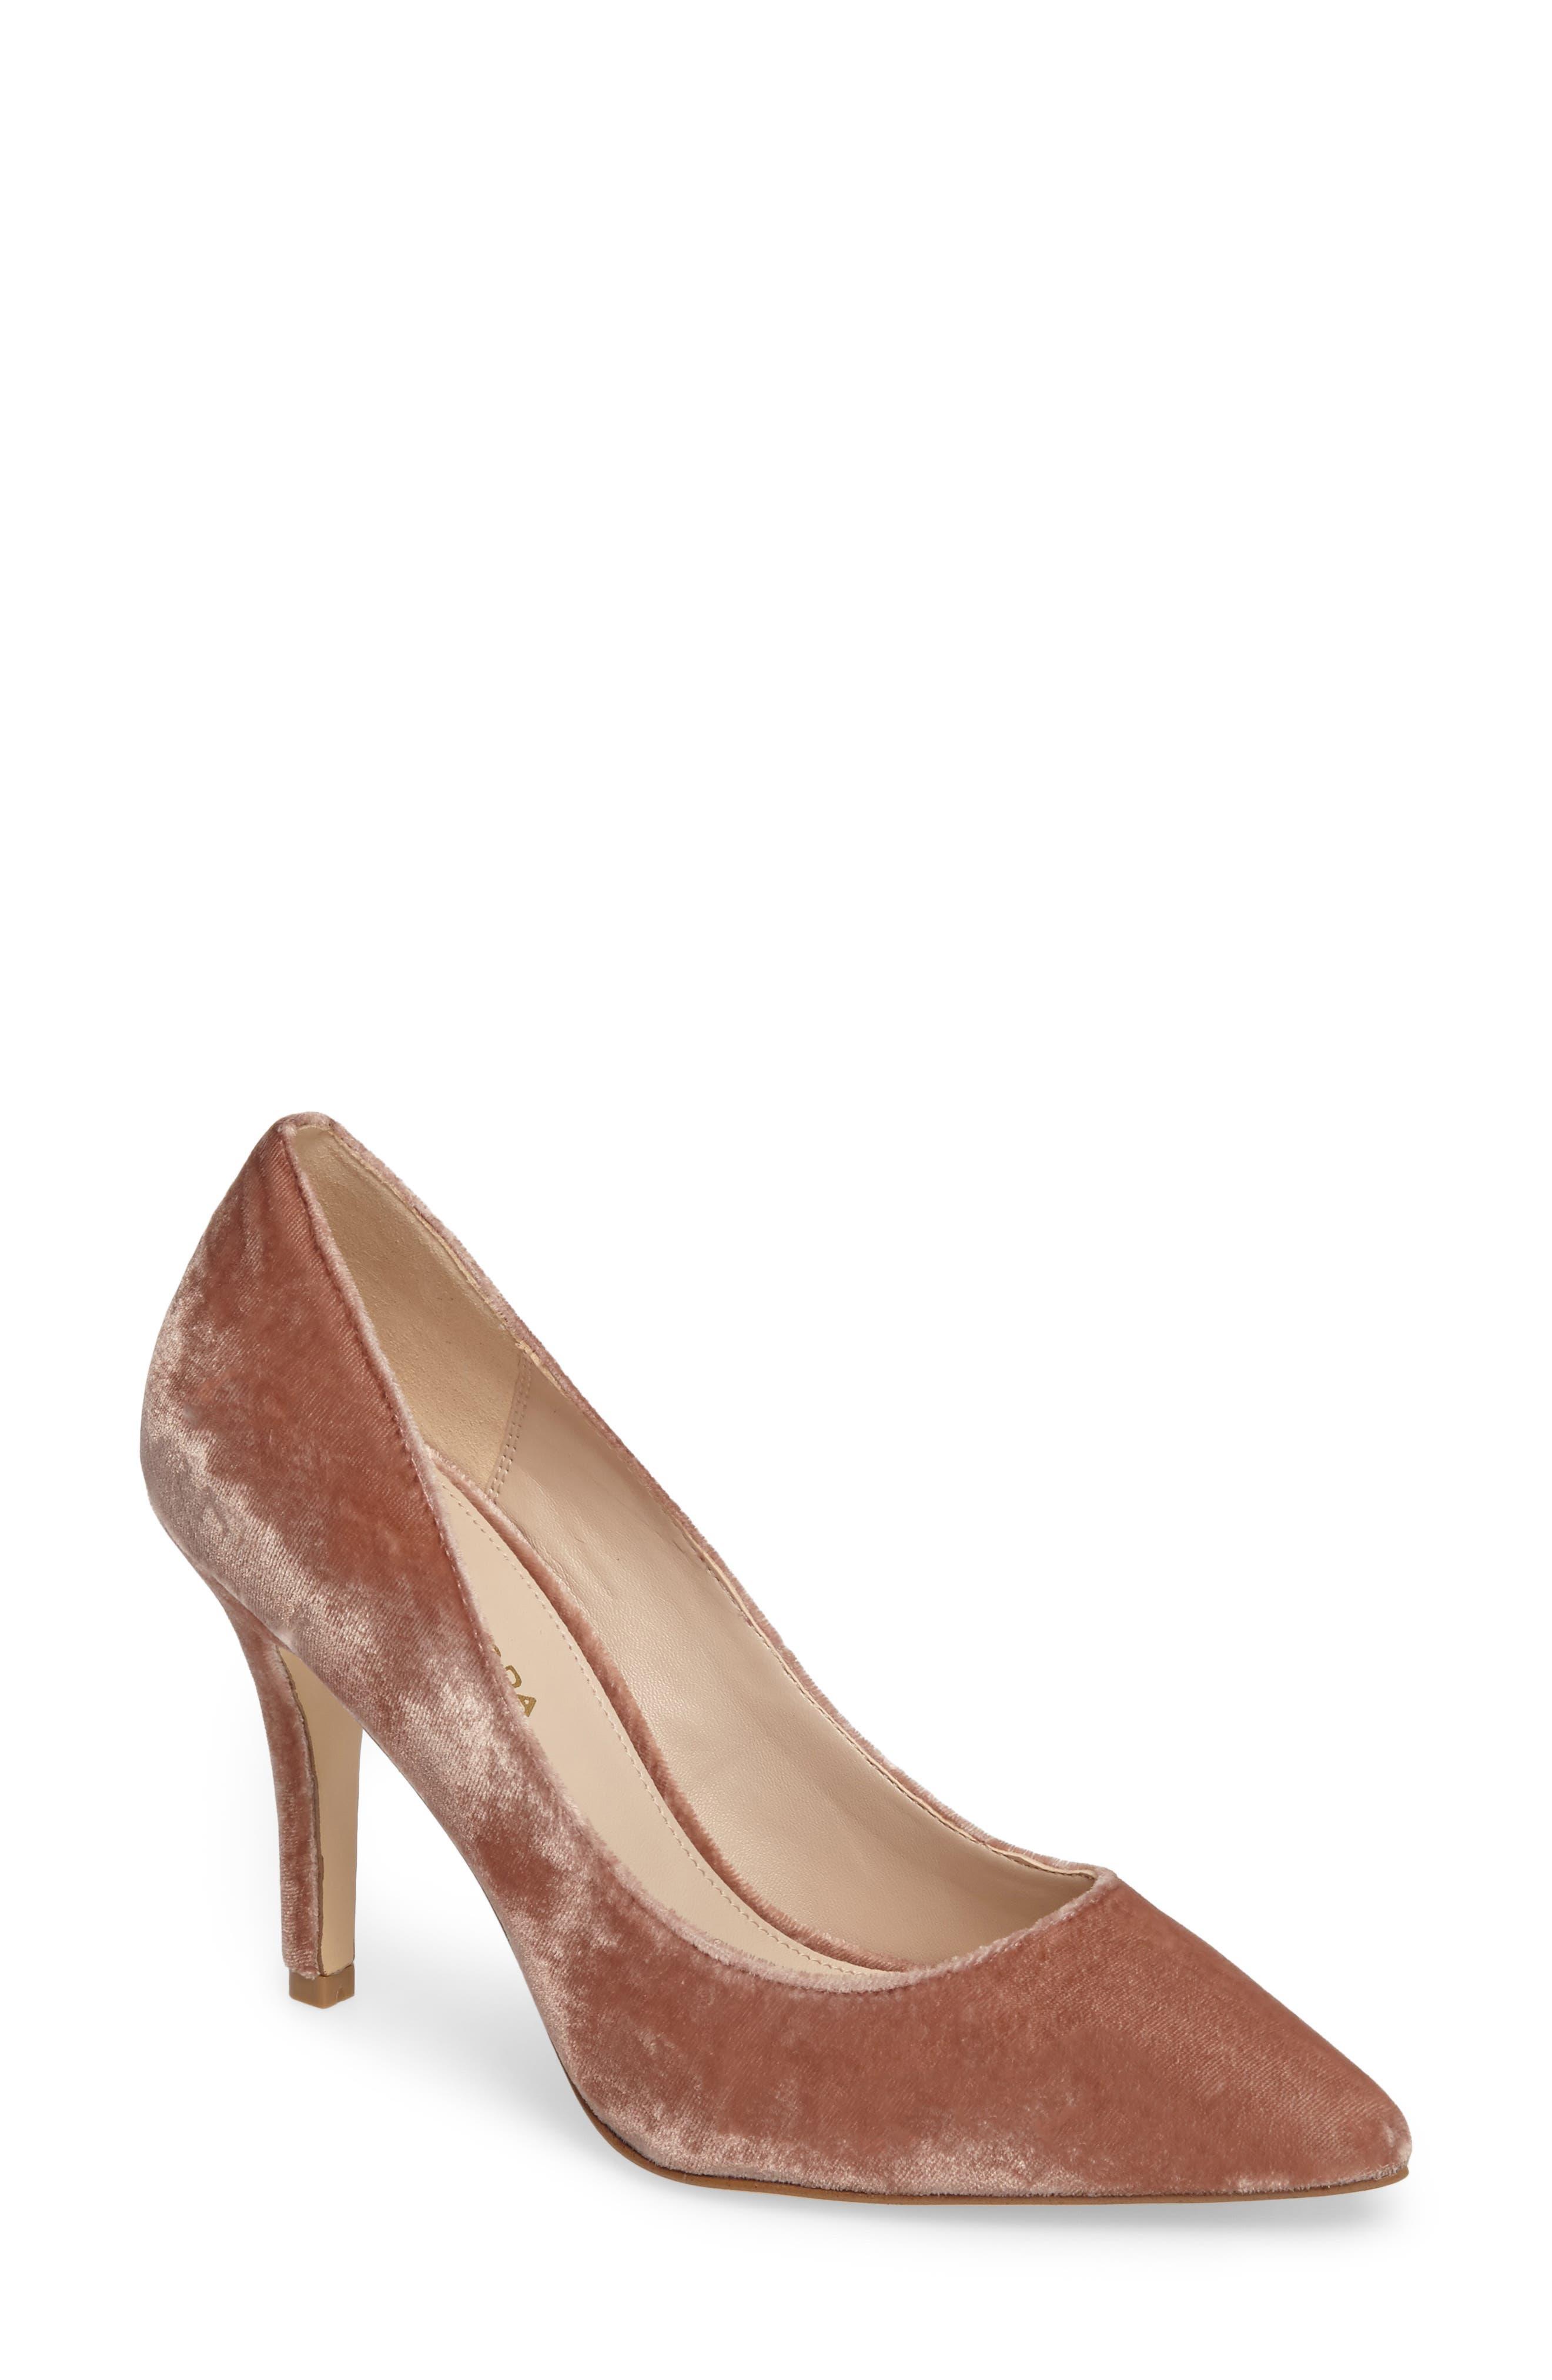 Main Image - Pelle Moda Vally2 Pointy Toe Pump (Women)